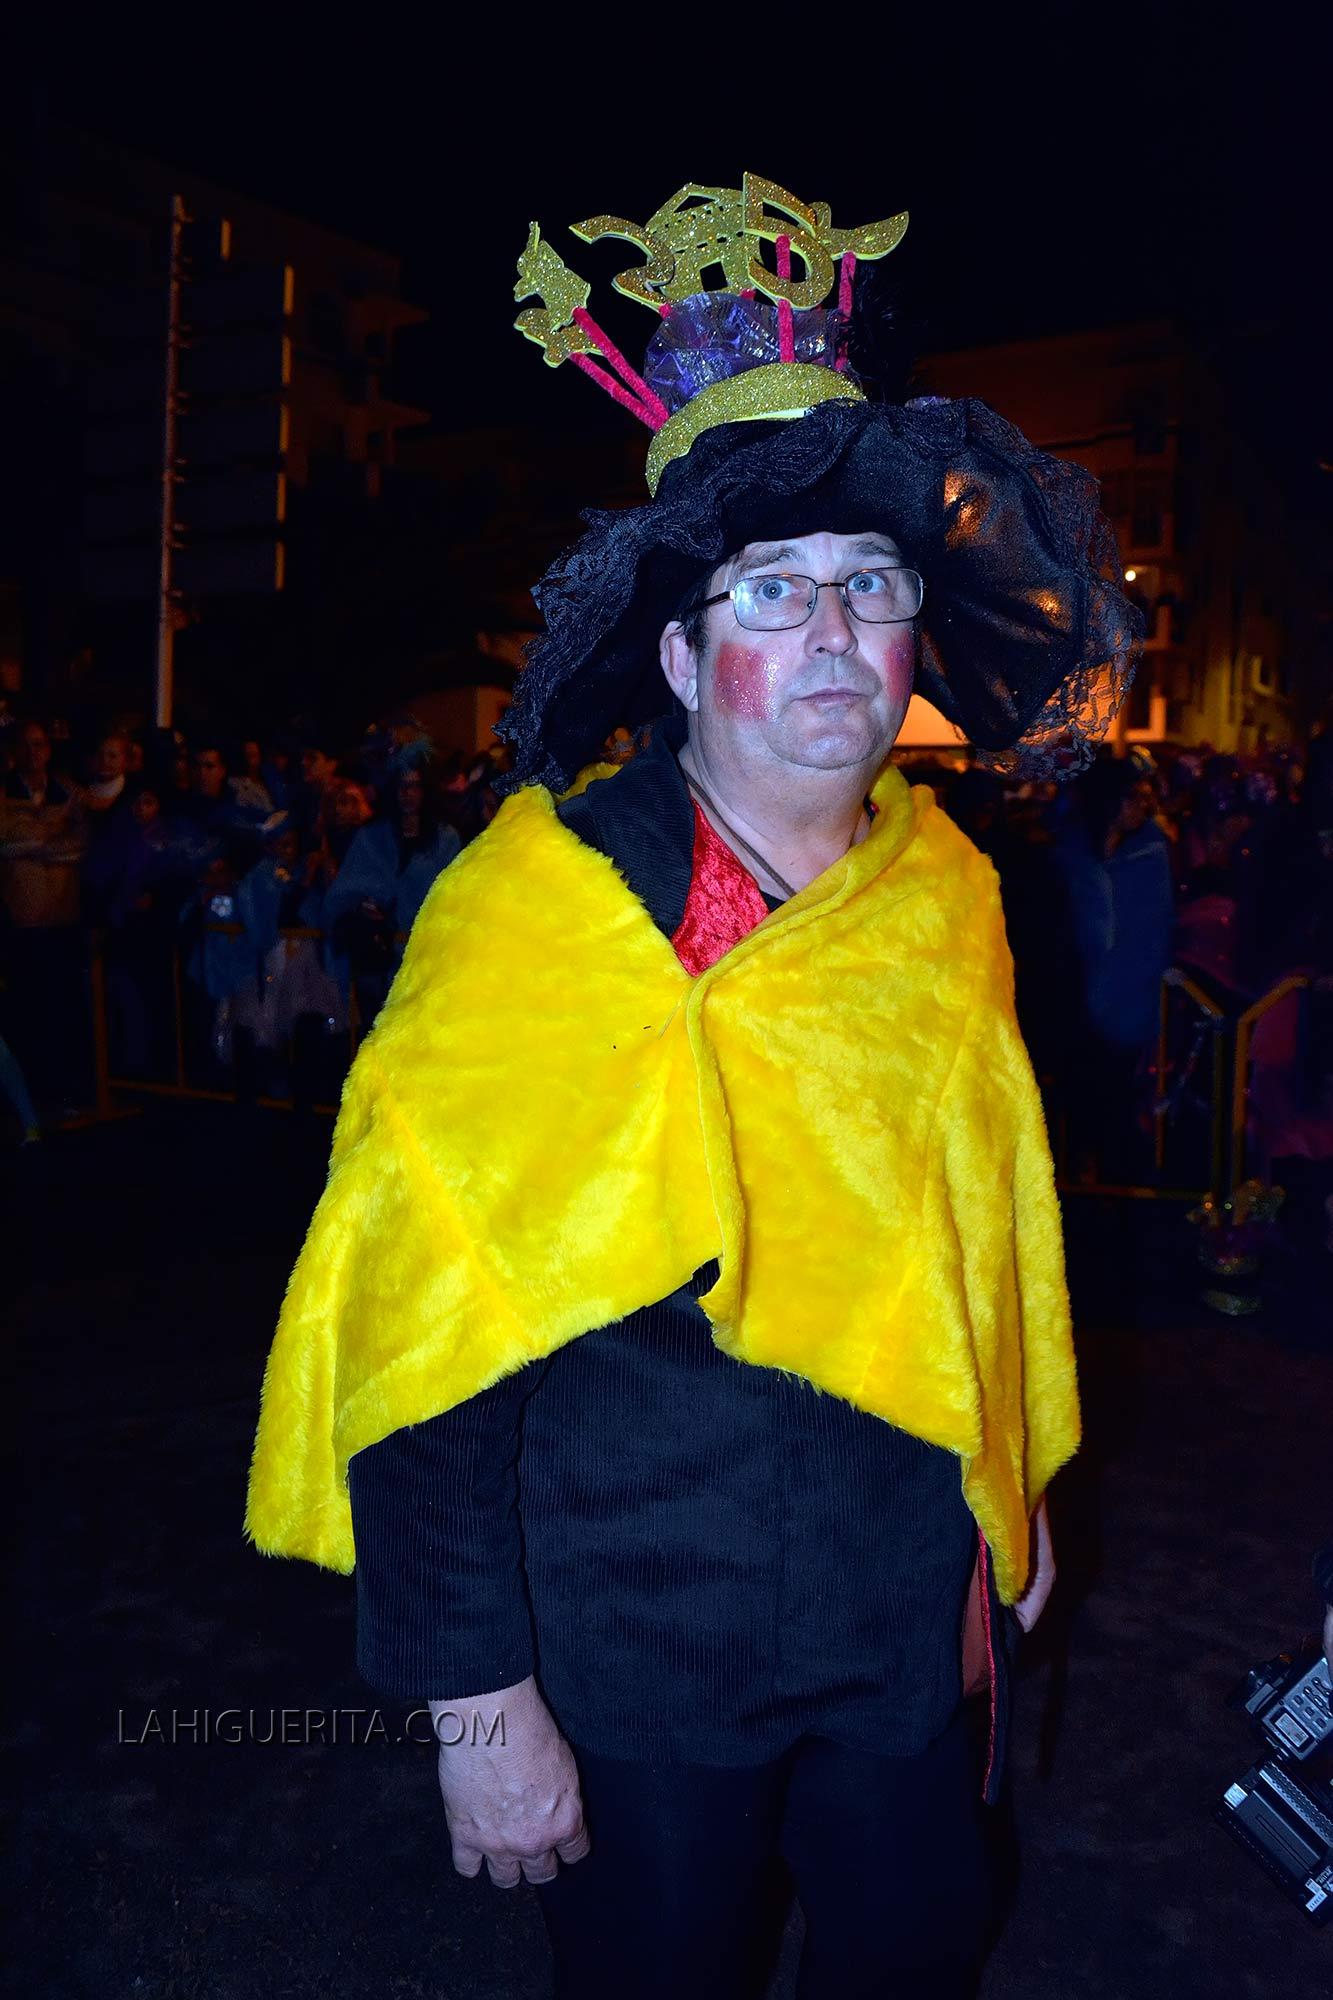 Entierro de la sardina carnaval isla cristina _DSC2372